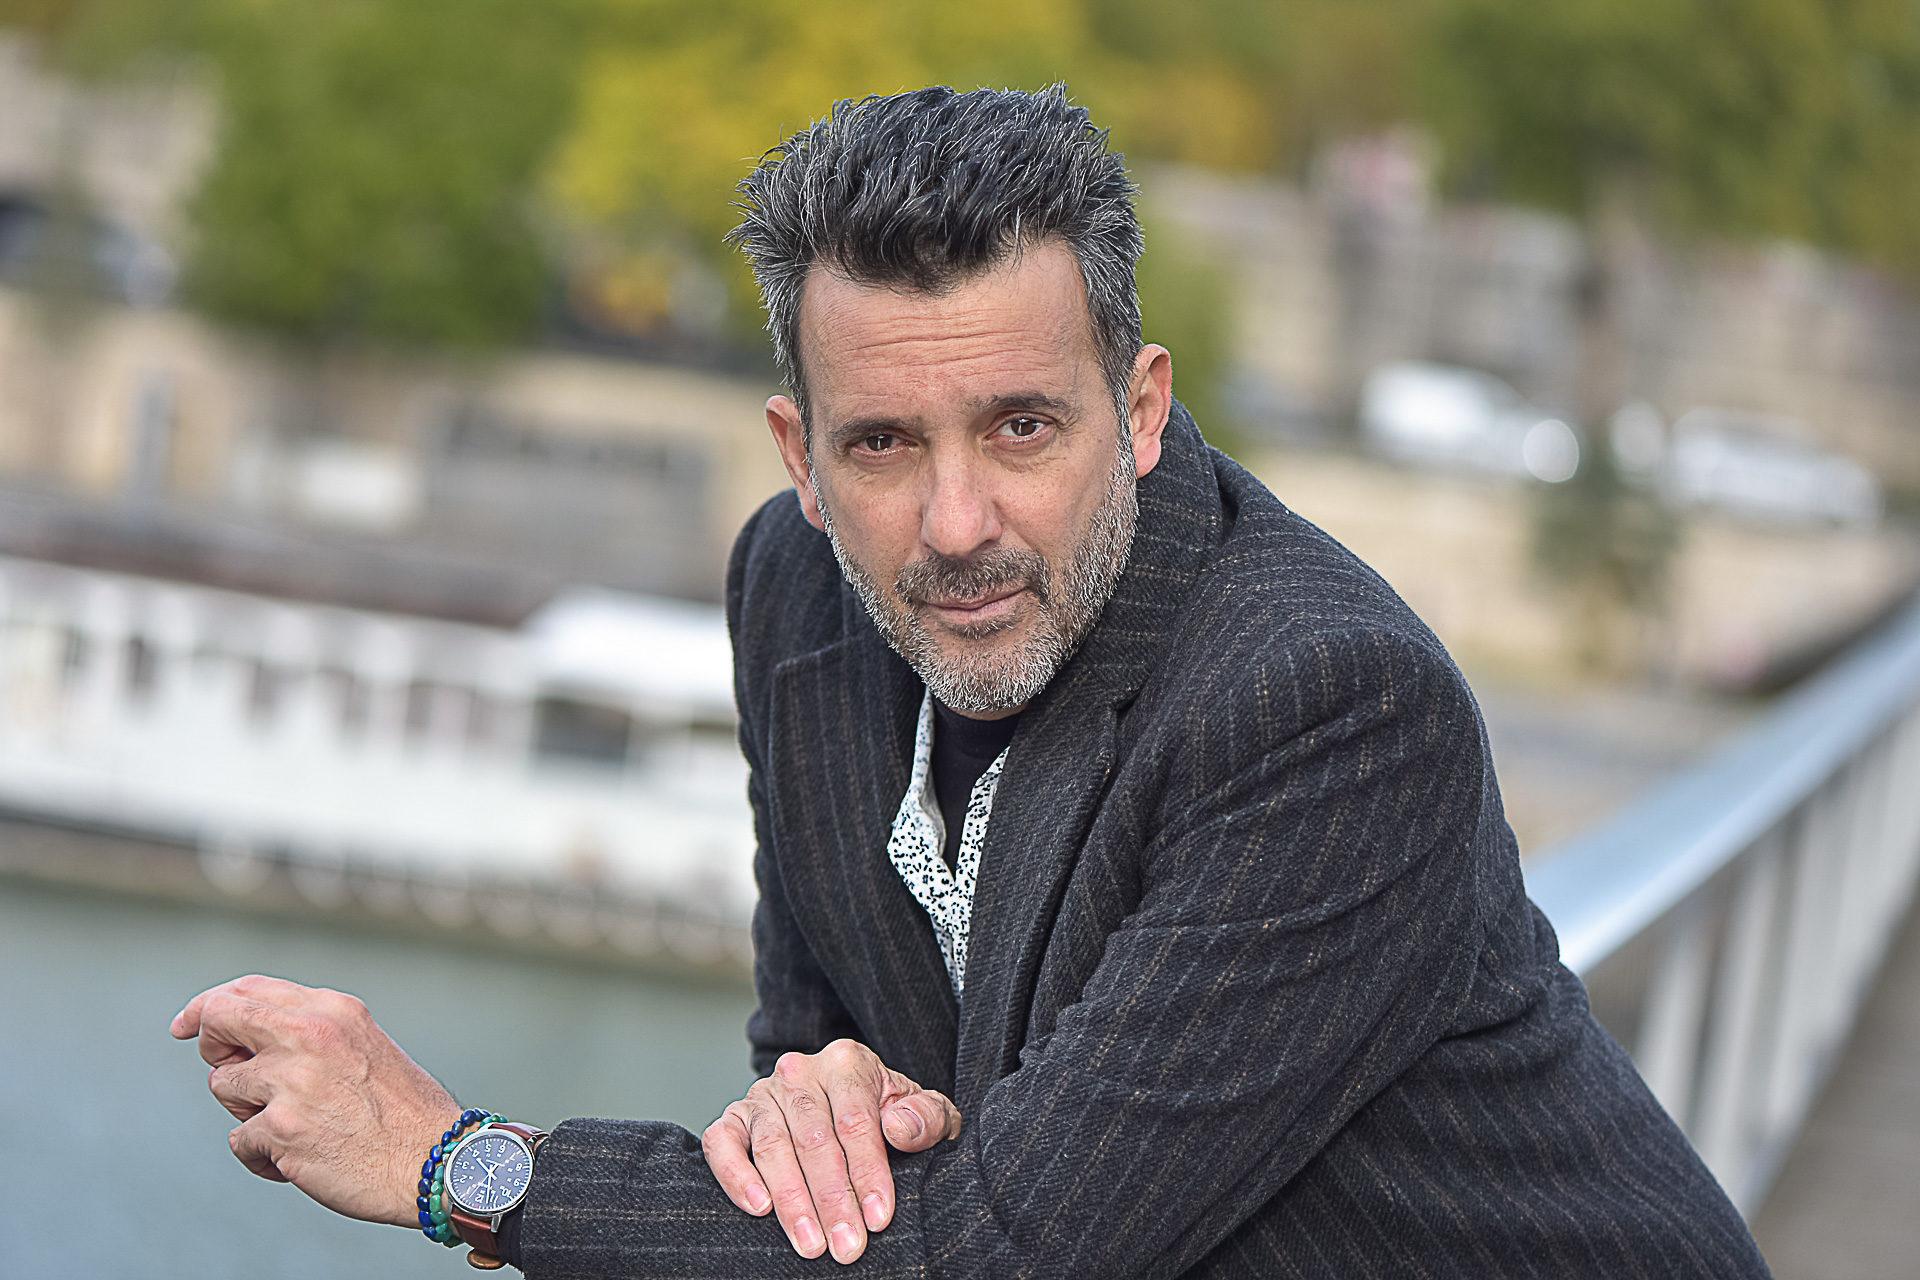 photographe-paris-acteur-portrats-matteo-vallon